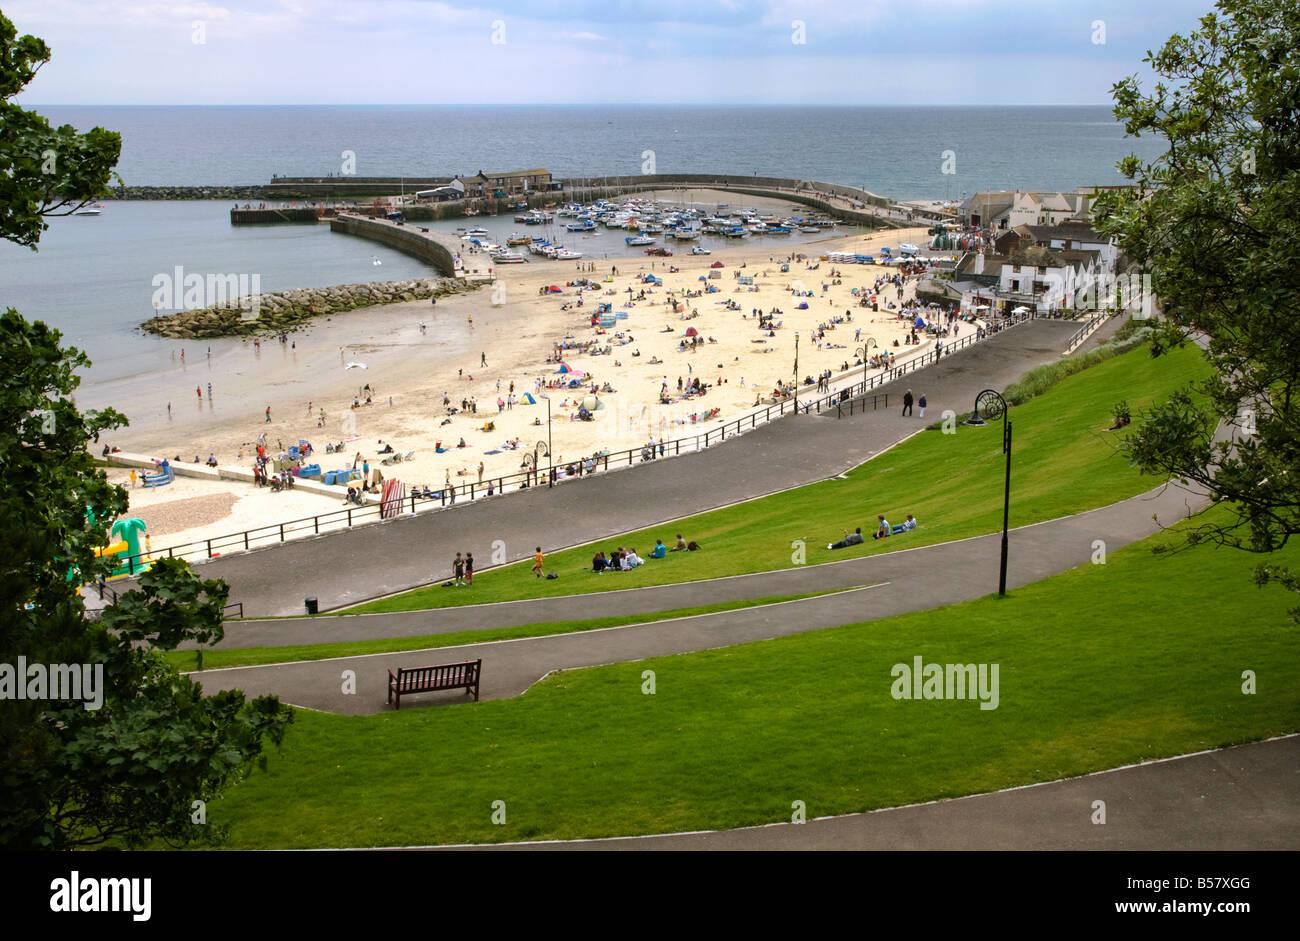 La Cobb et plage de Lyme Regis, dans le Dorset, Angleterre, Royaume-Uni, Europe Banque D'Images